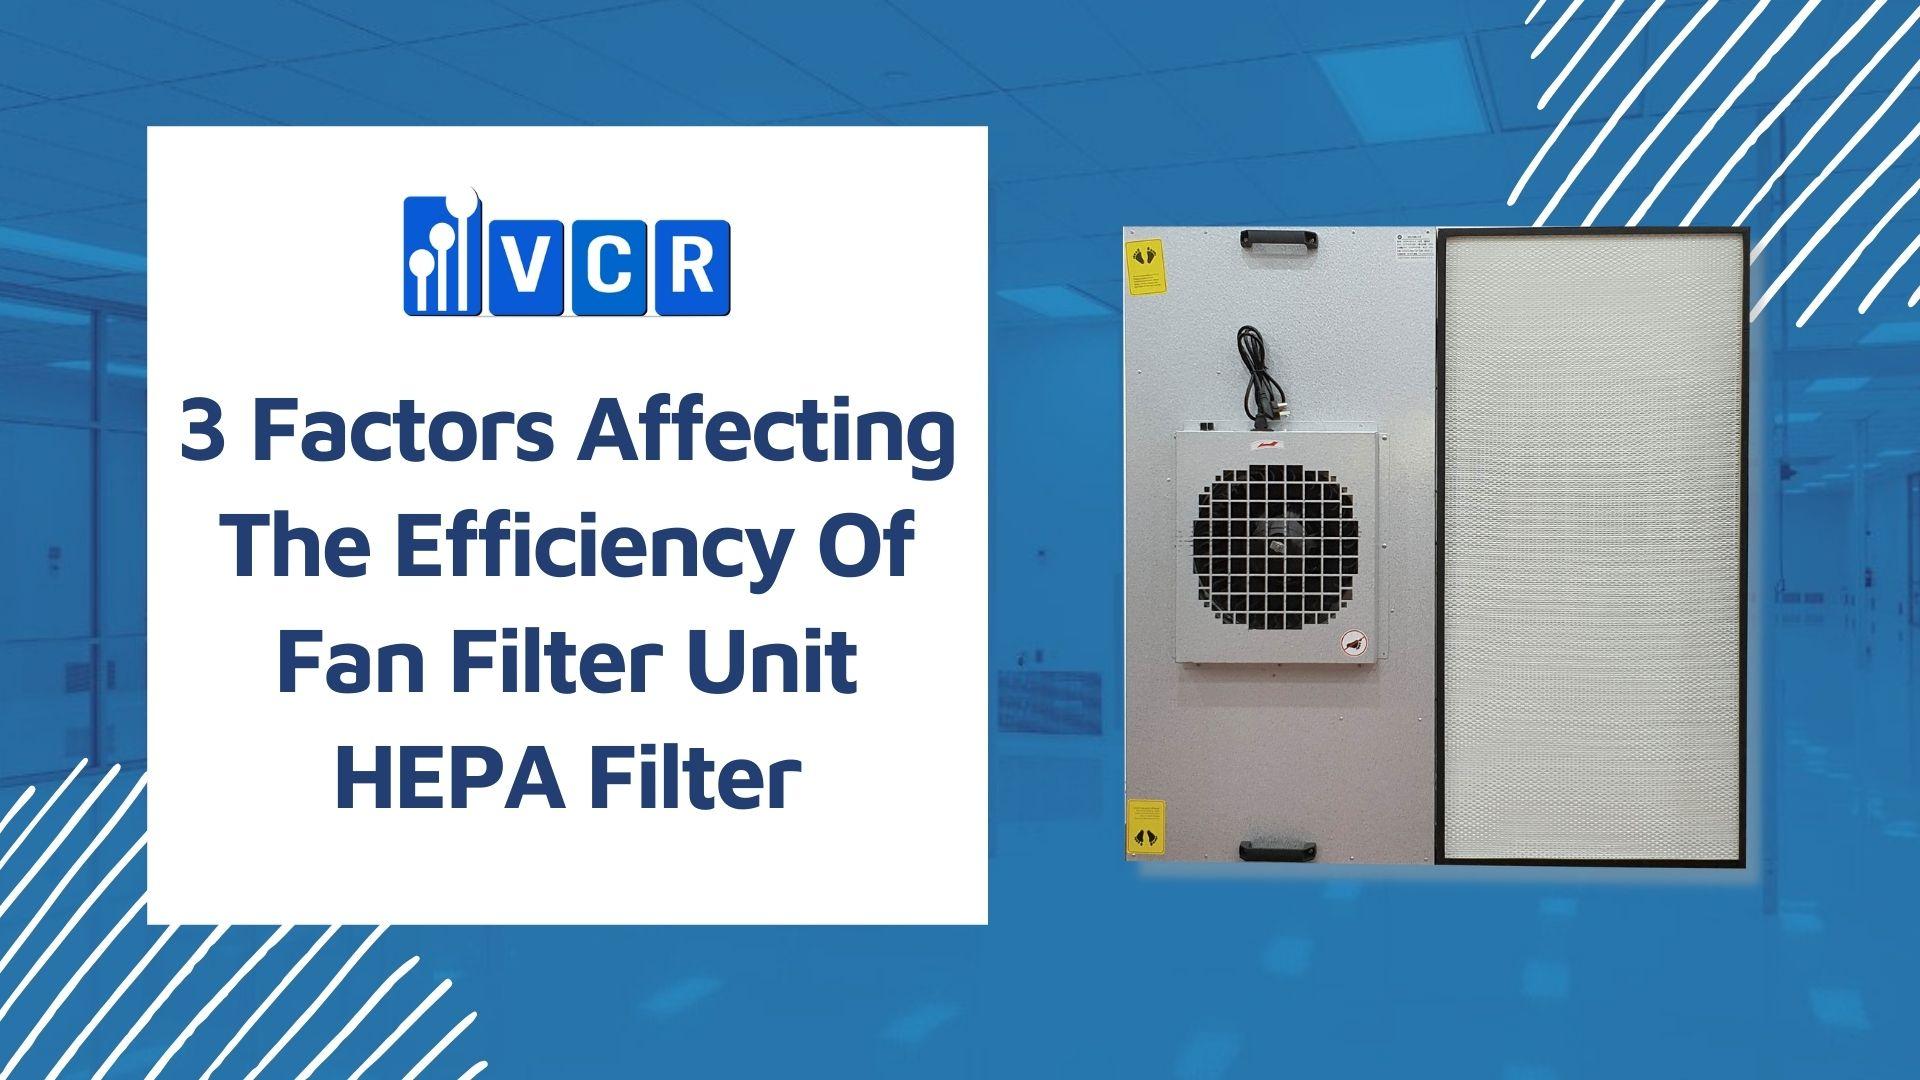 fan filter unit hepa filter